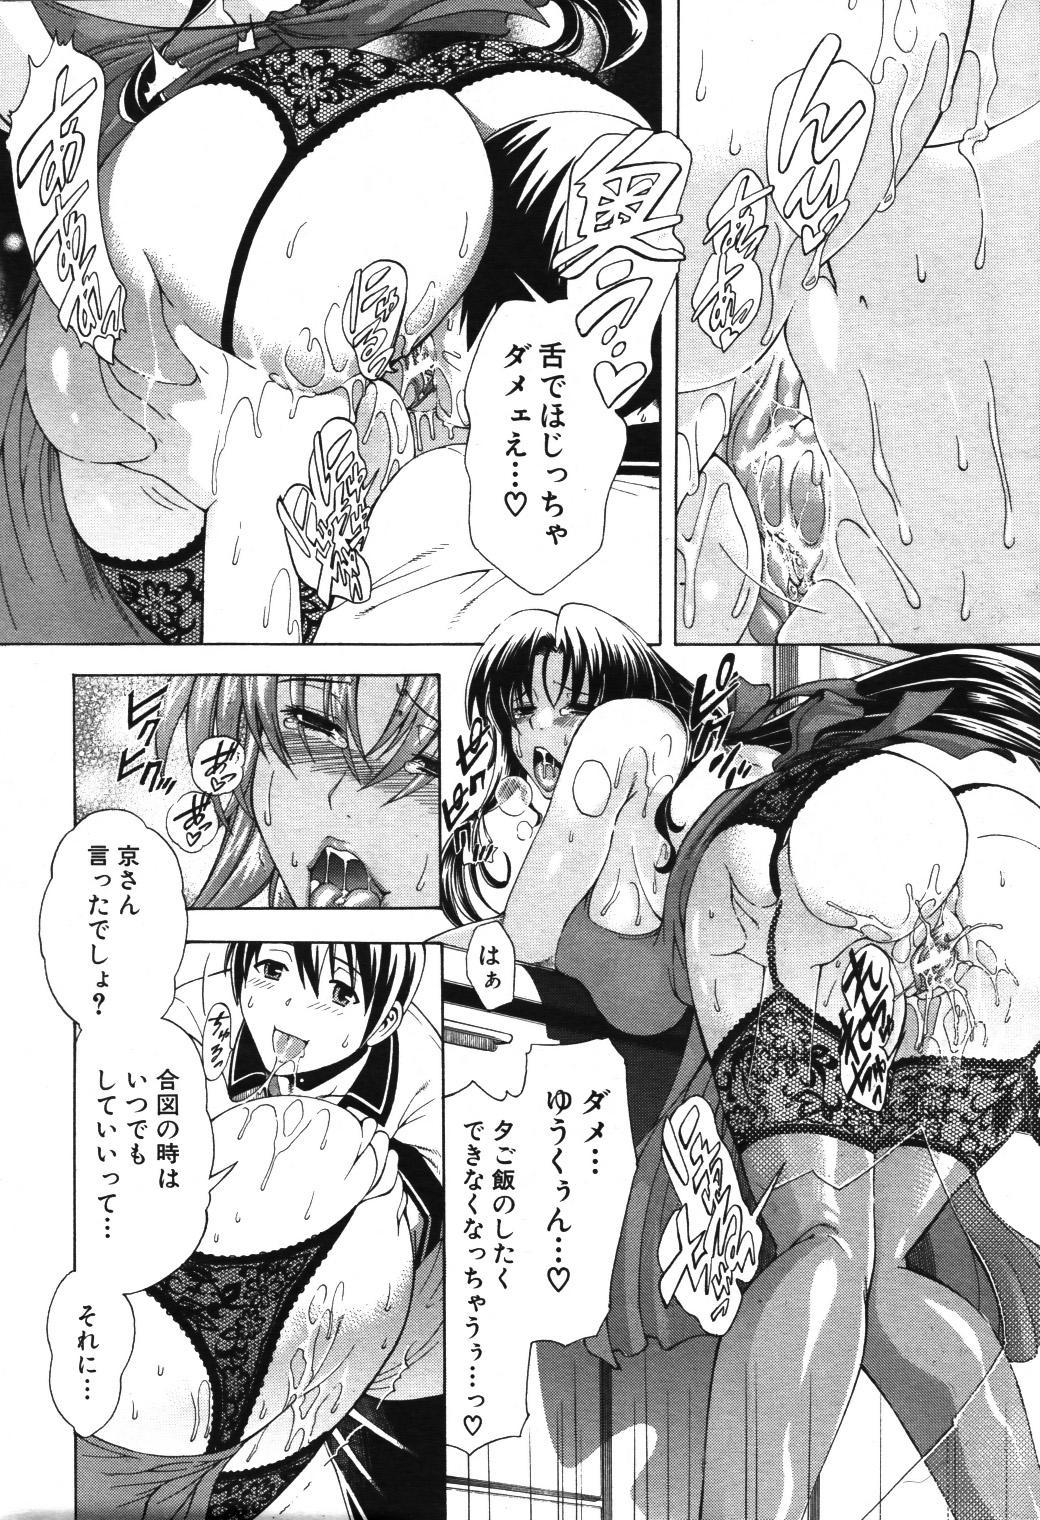 Himitsu no Sign - Secret Signature 21